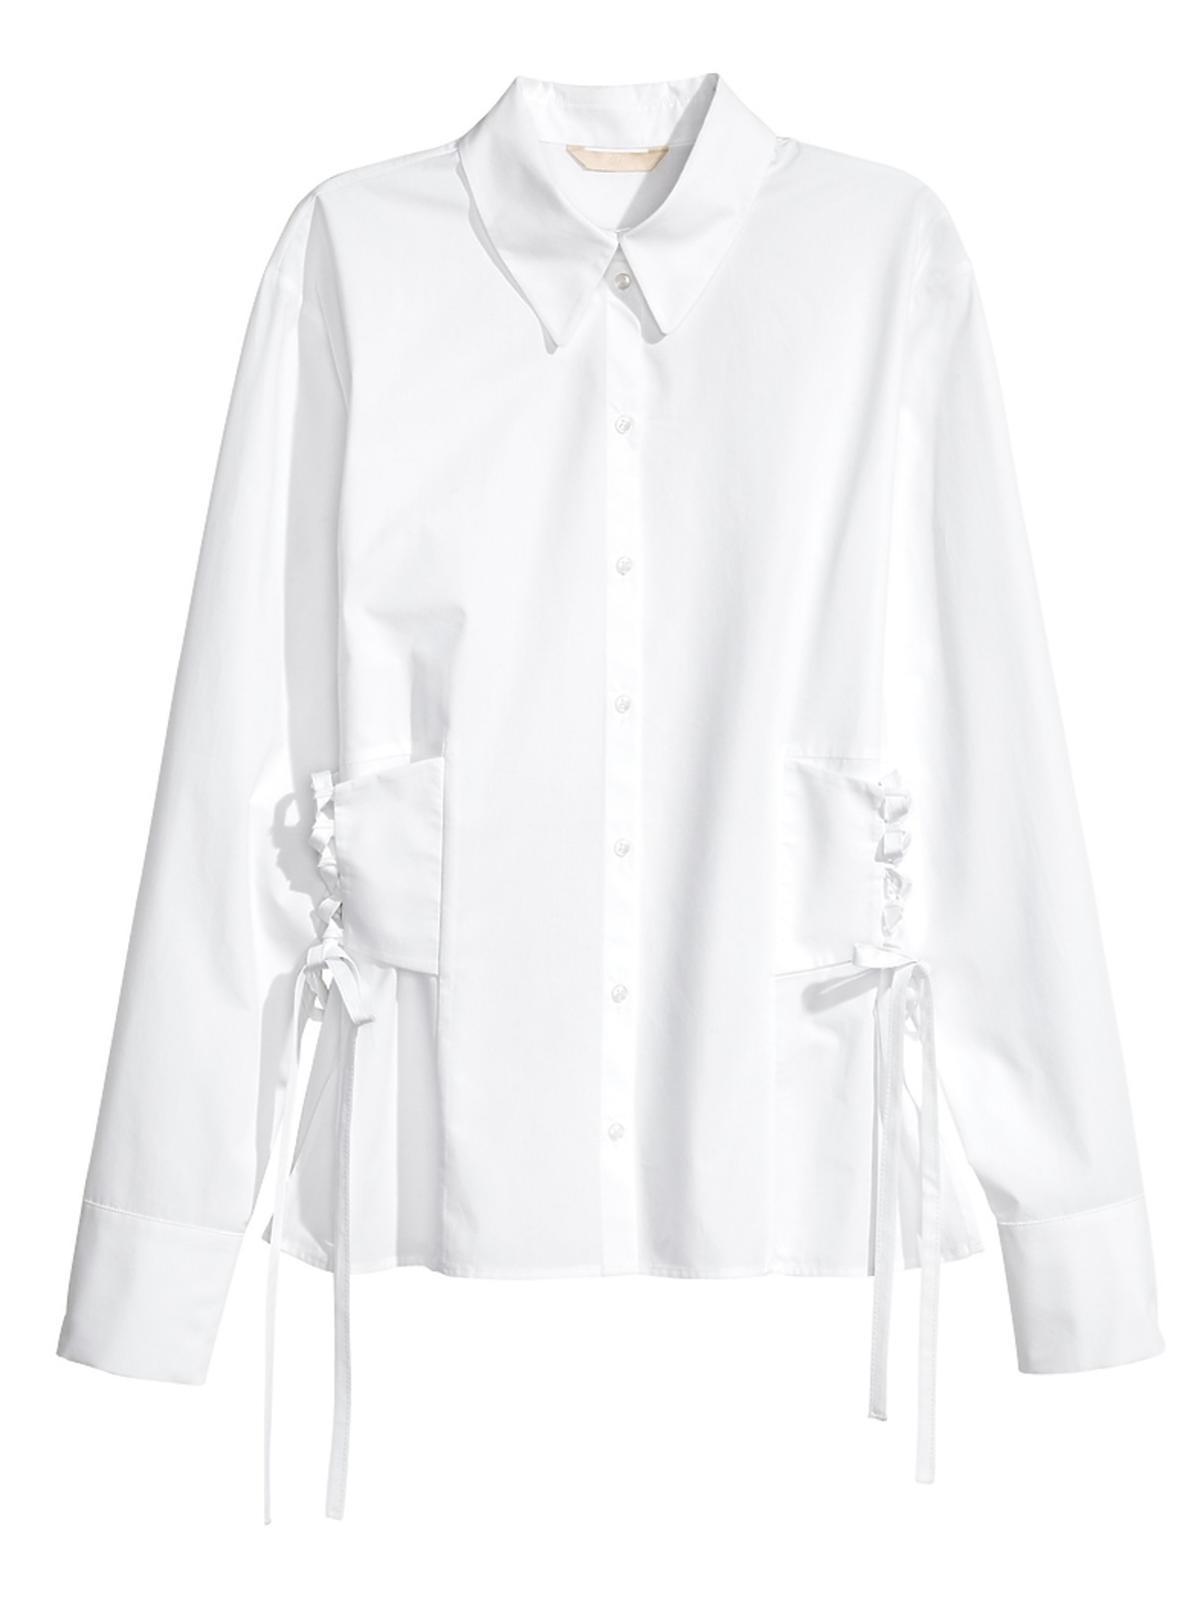 Koszula ze sznurowaniem H&M, 139,90 zł